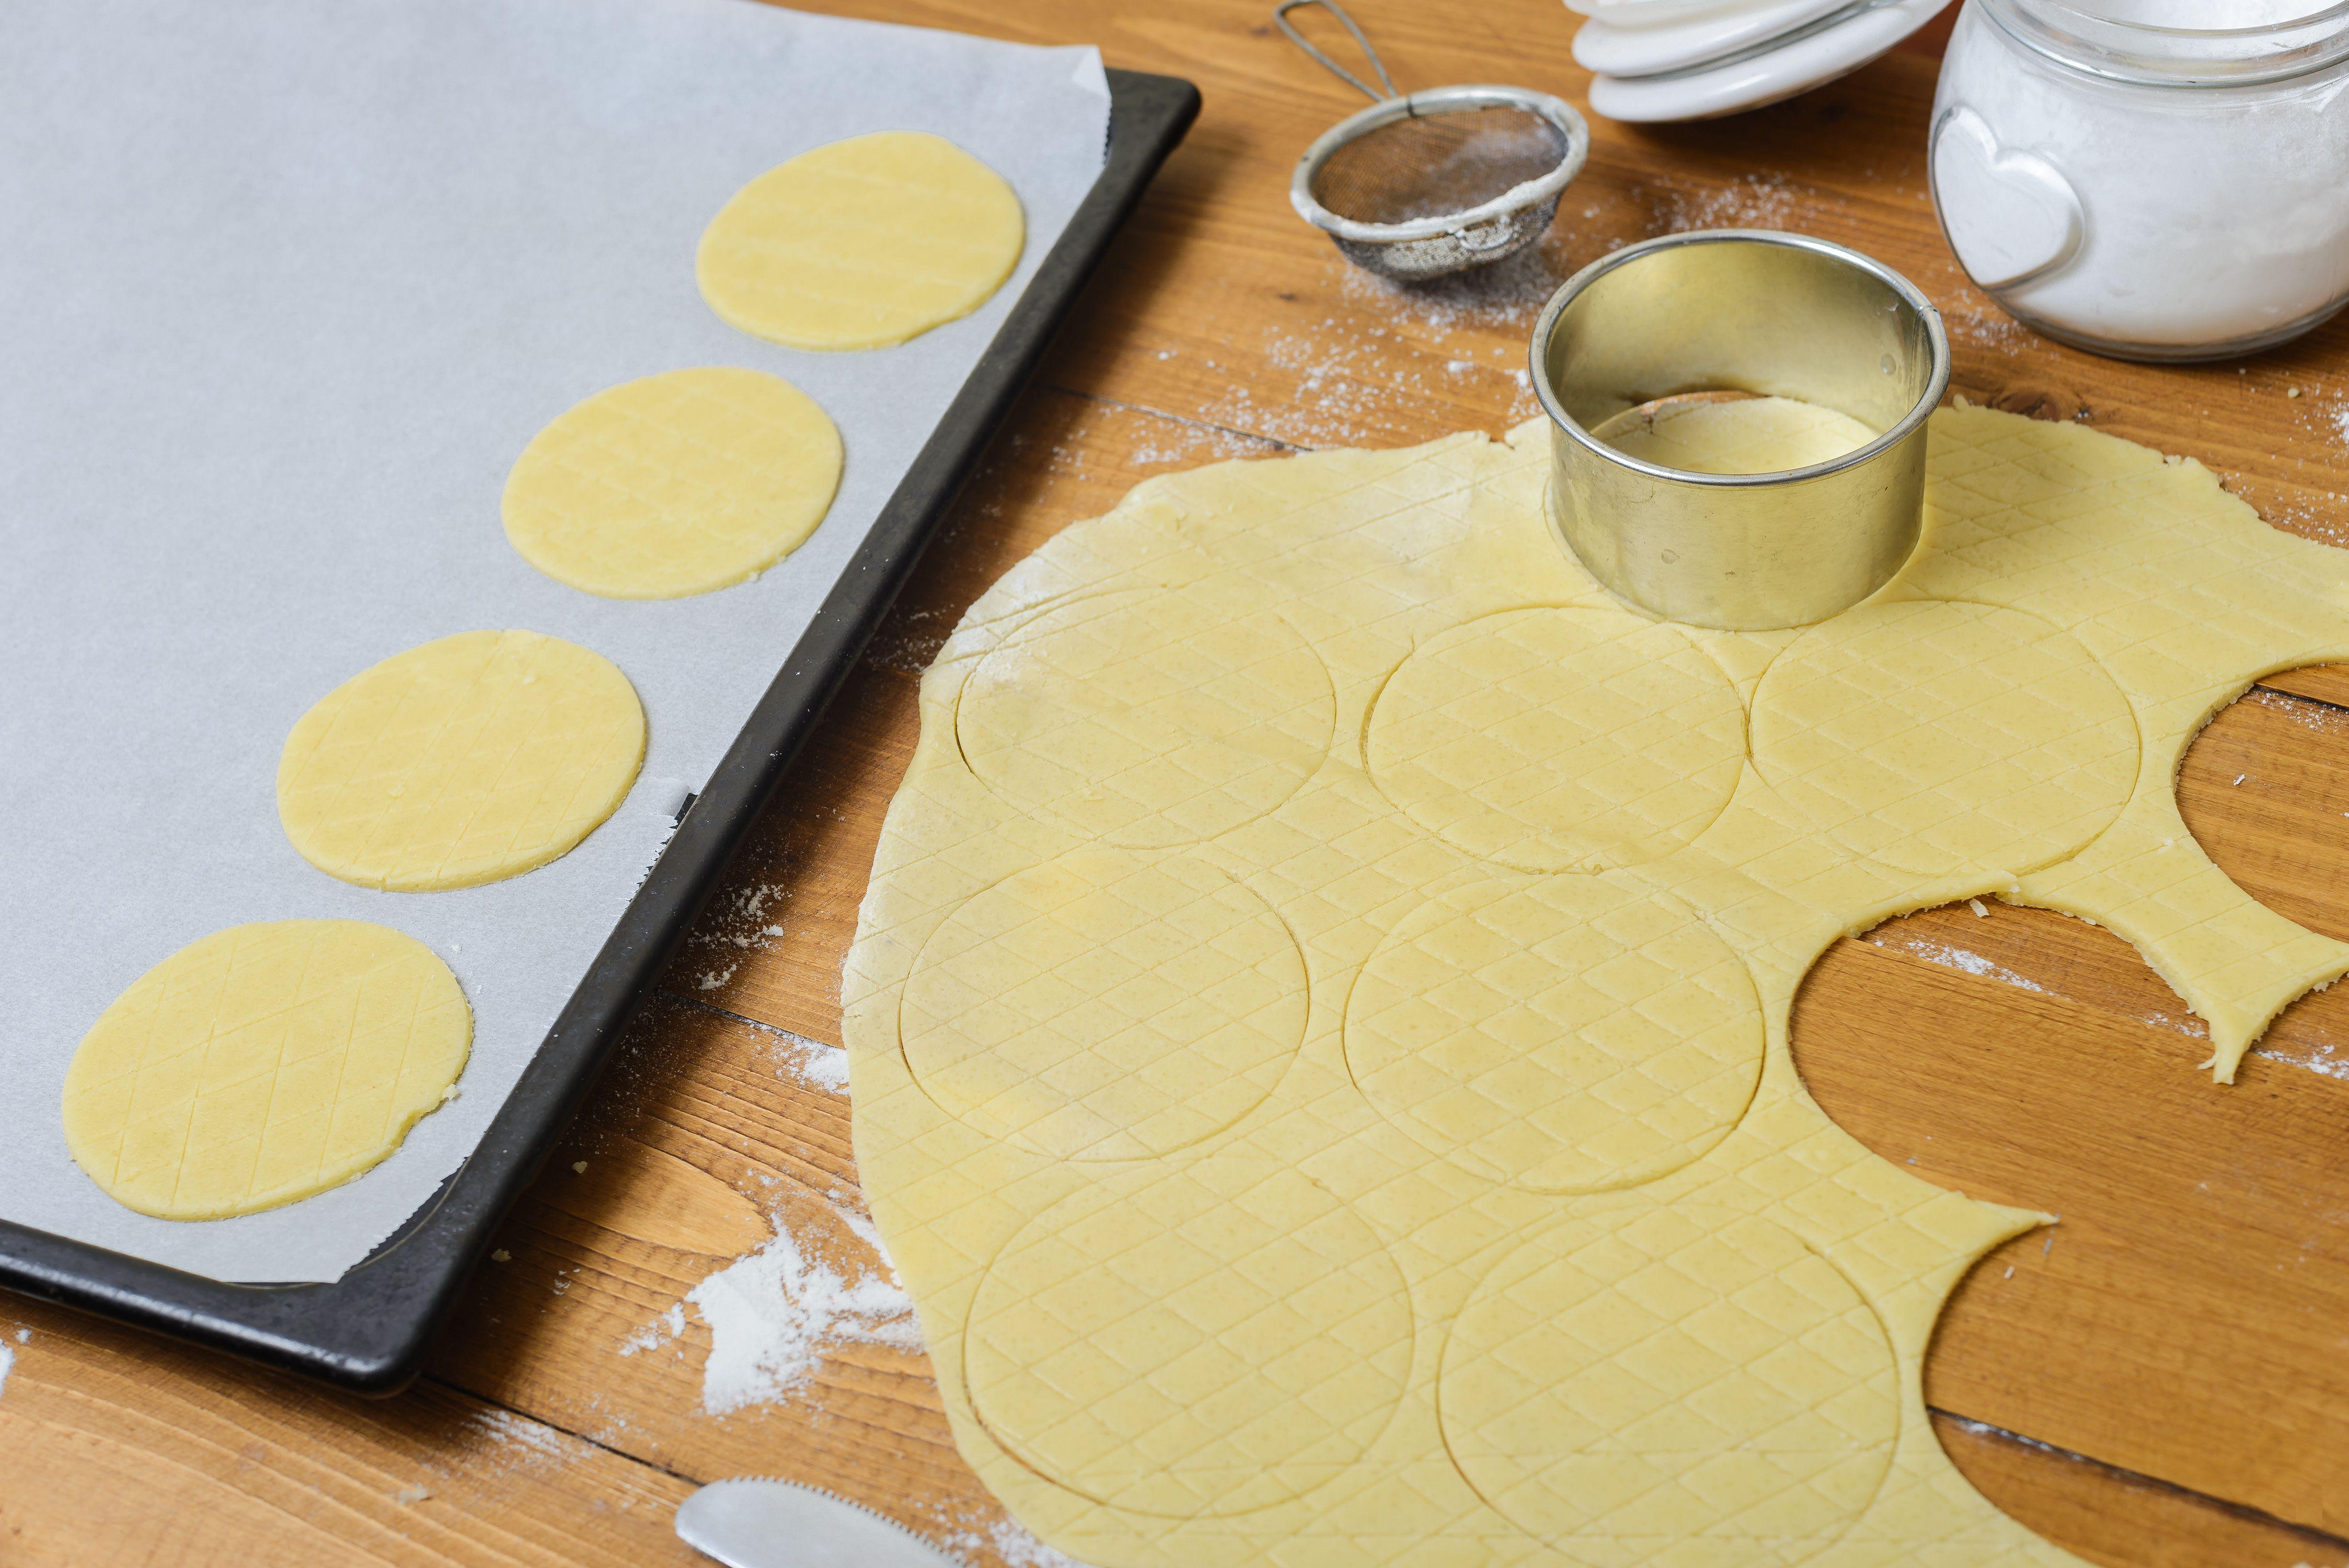 Scoring the dough in circular pattern